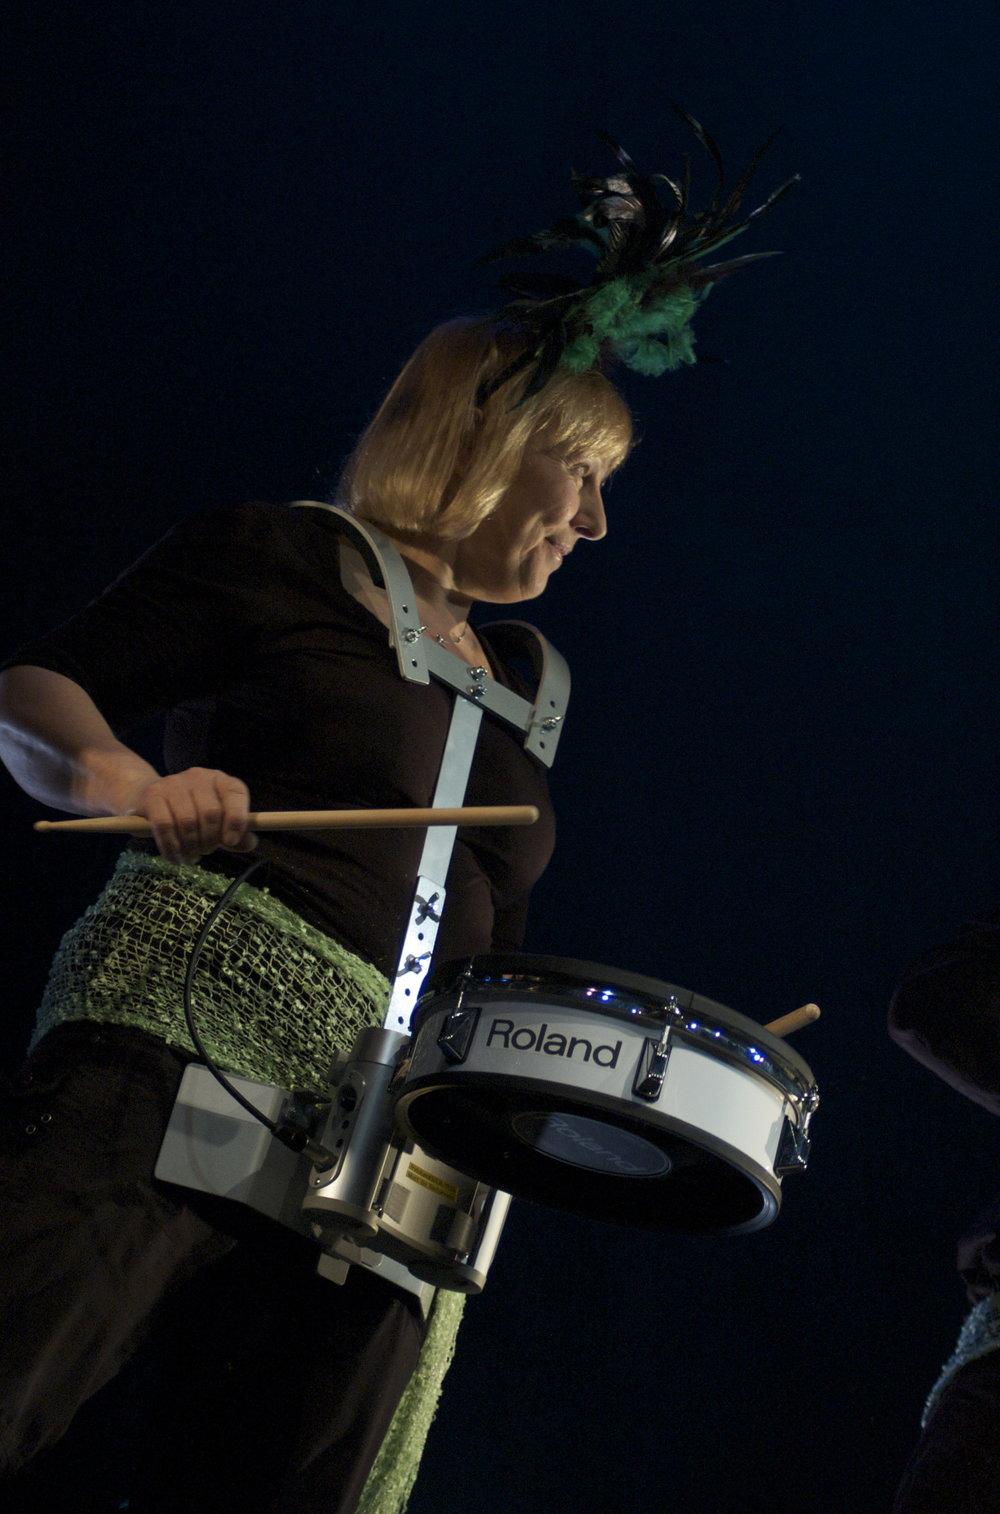 roland-v-drums-photo-shoot_5042201531_o.jpg